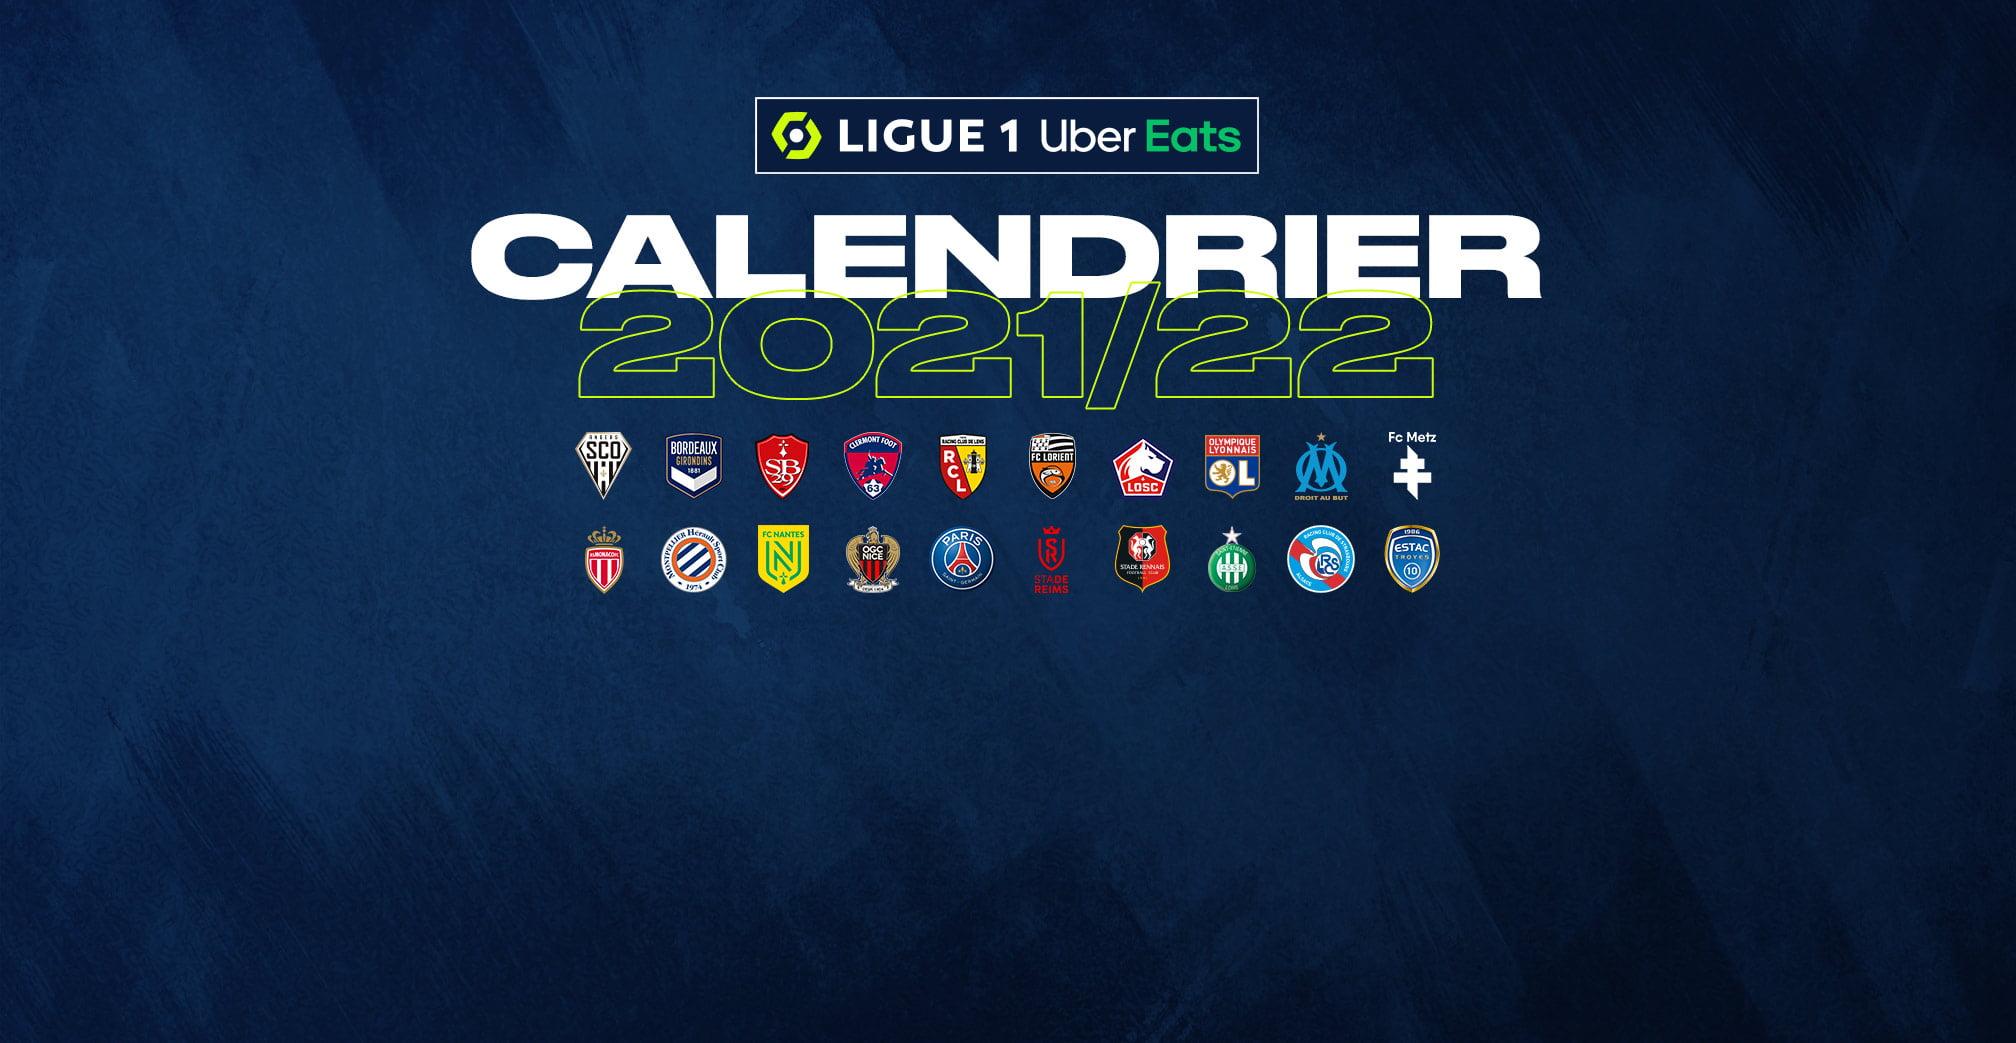 Calendrier Lfp 2022 Ligue 1 Uber Eats : le calendrier de la saison 2021/2022